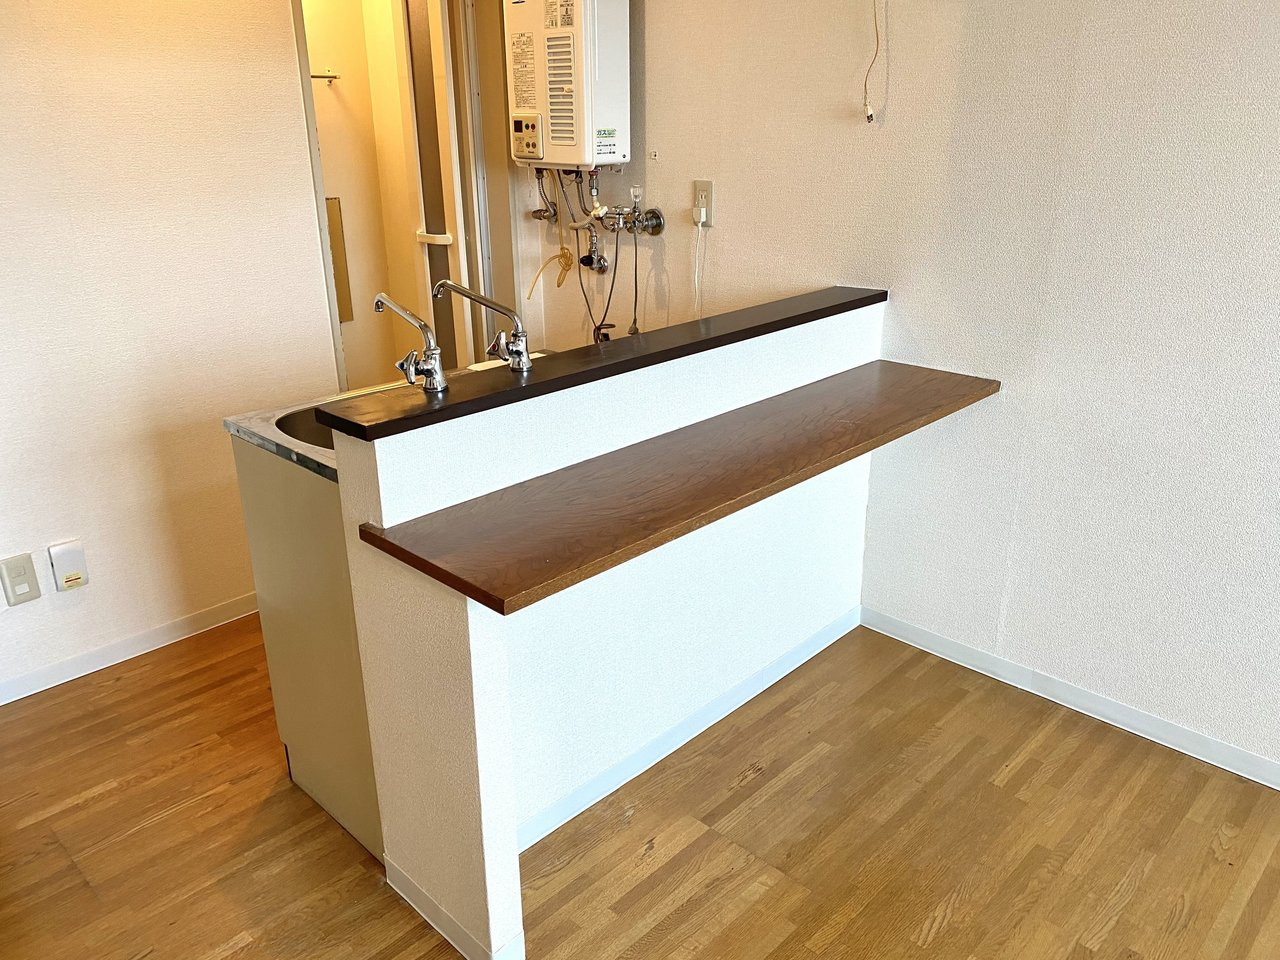 キッチンはカウンター付き。ダイニングスペースとしても、仕事スペースとしても活用できます。